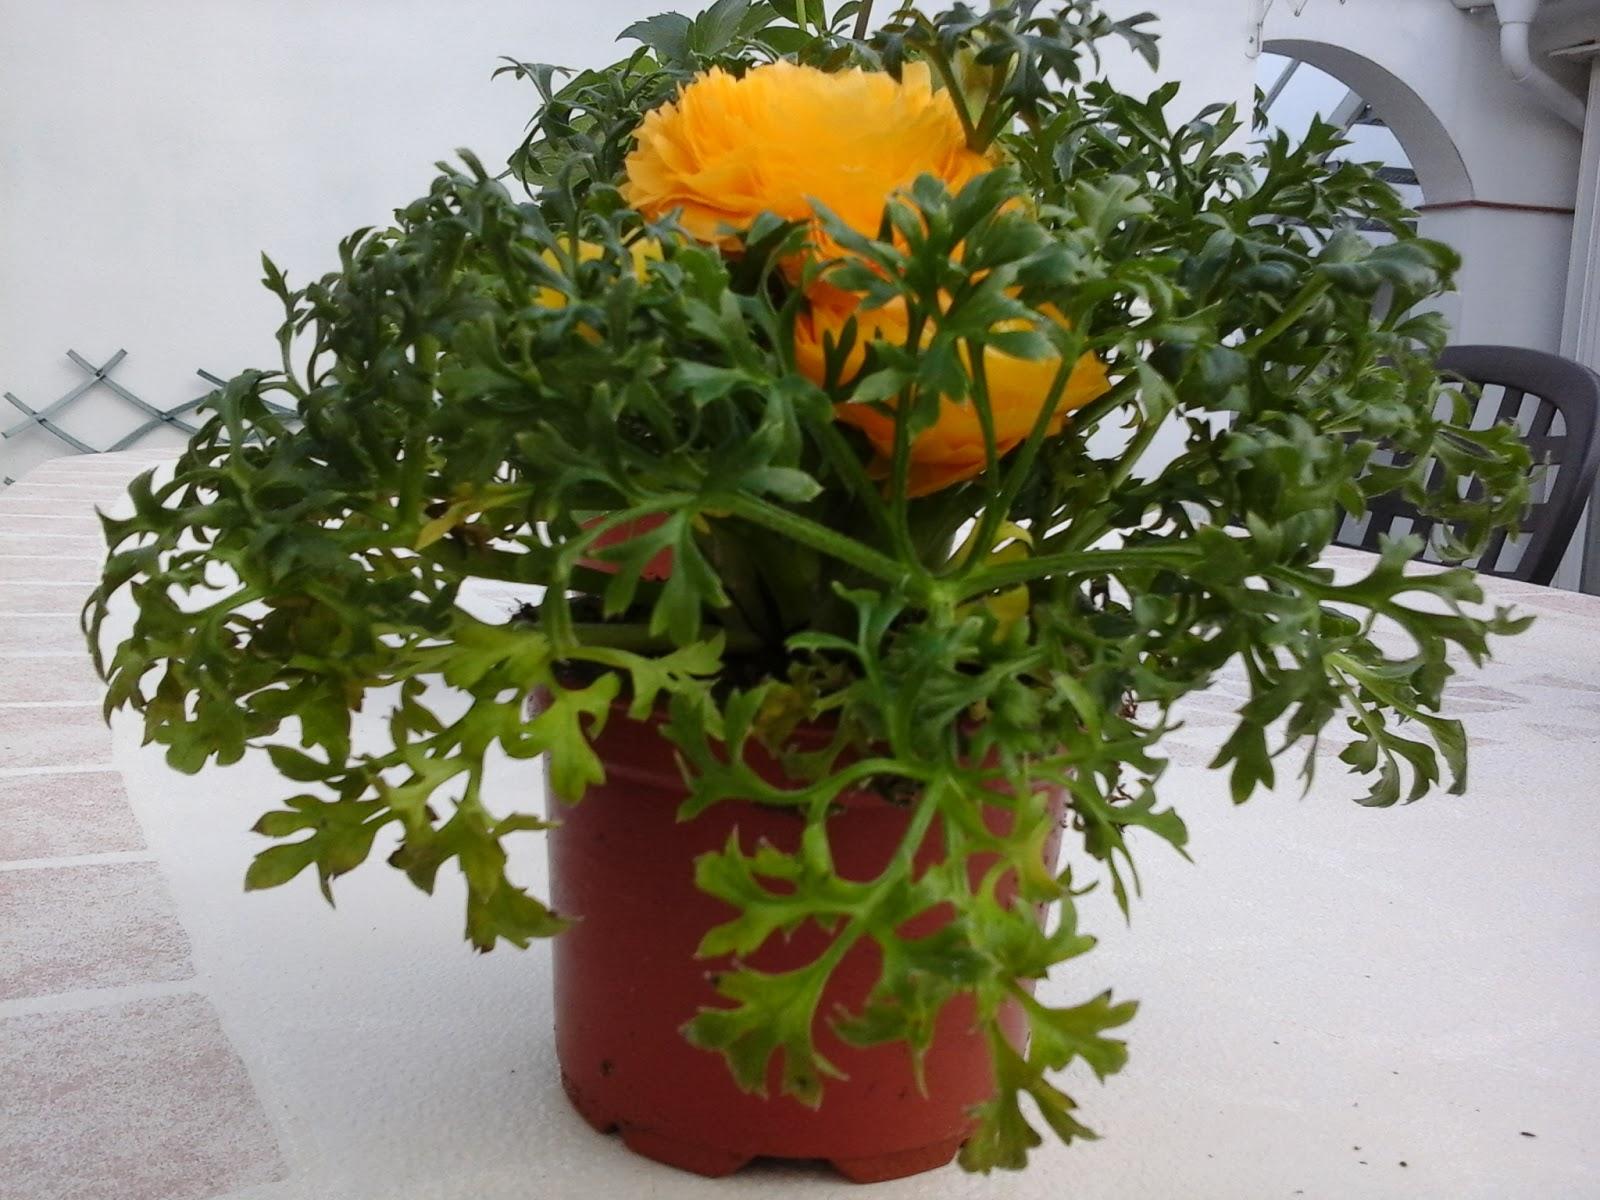 Plantas de exterior resistentes al sol cheap plantas de - Plantas que aguanten el sol ...